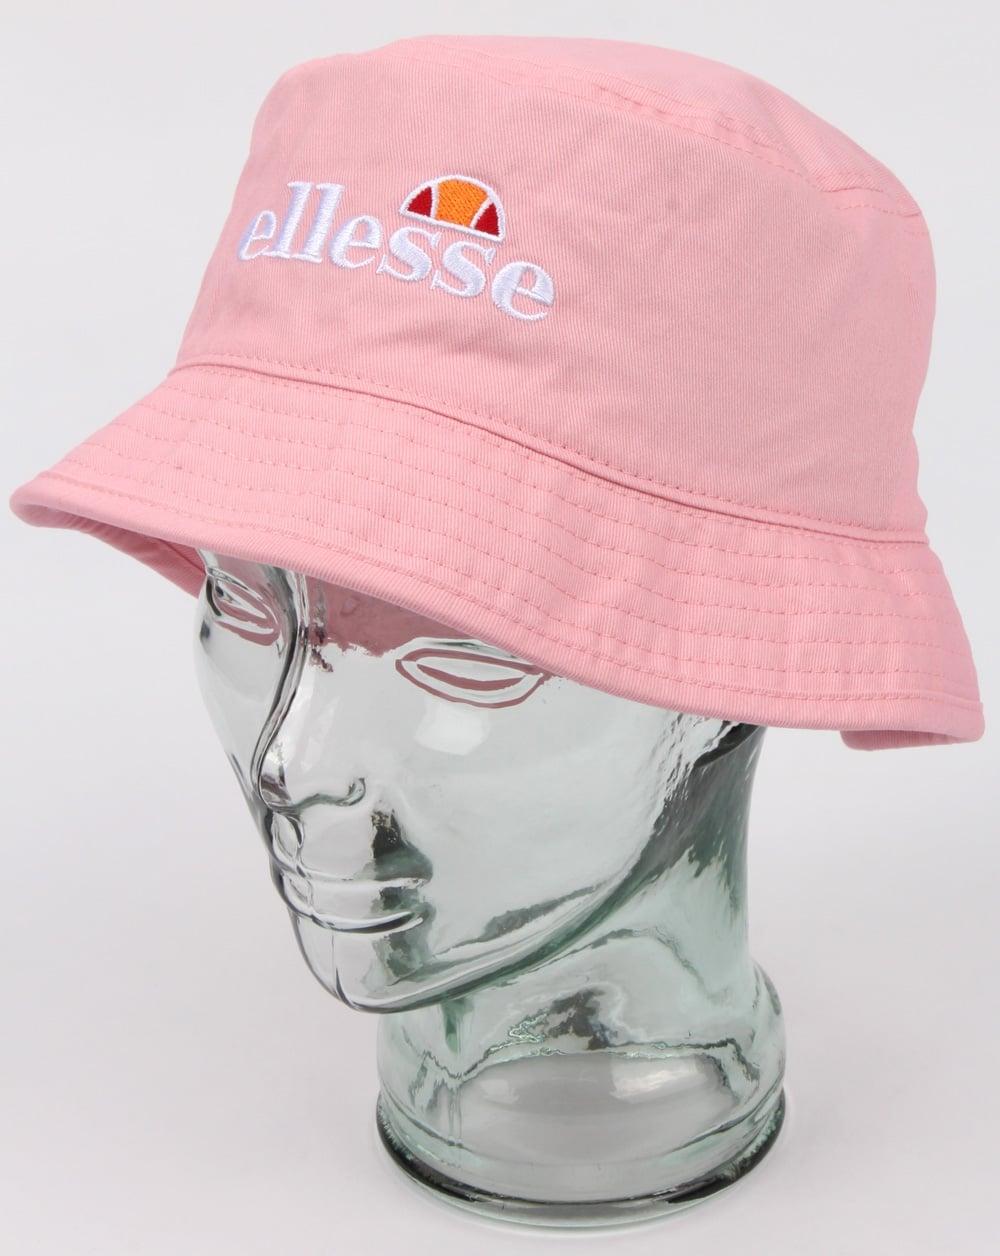 Ellesse Binno Bucket Hat Pink ec1858729e4